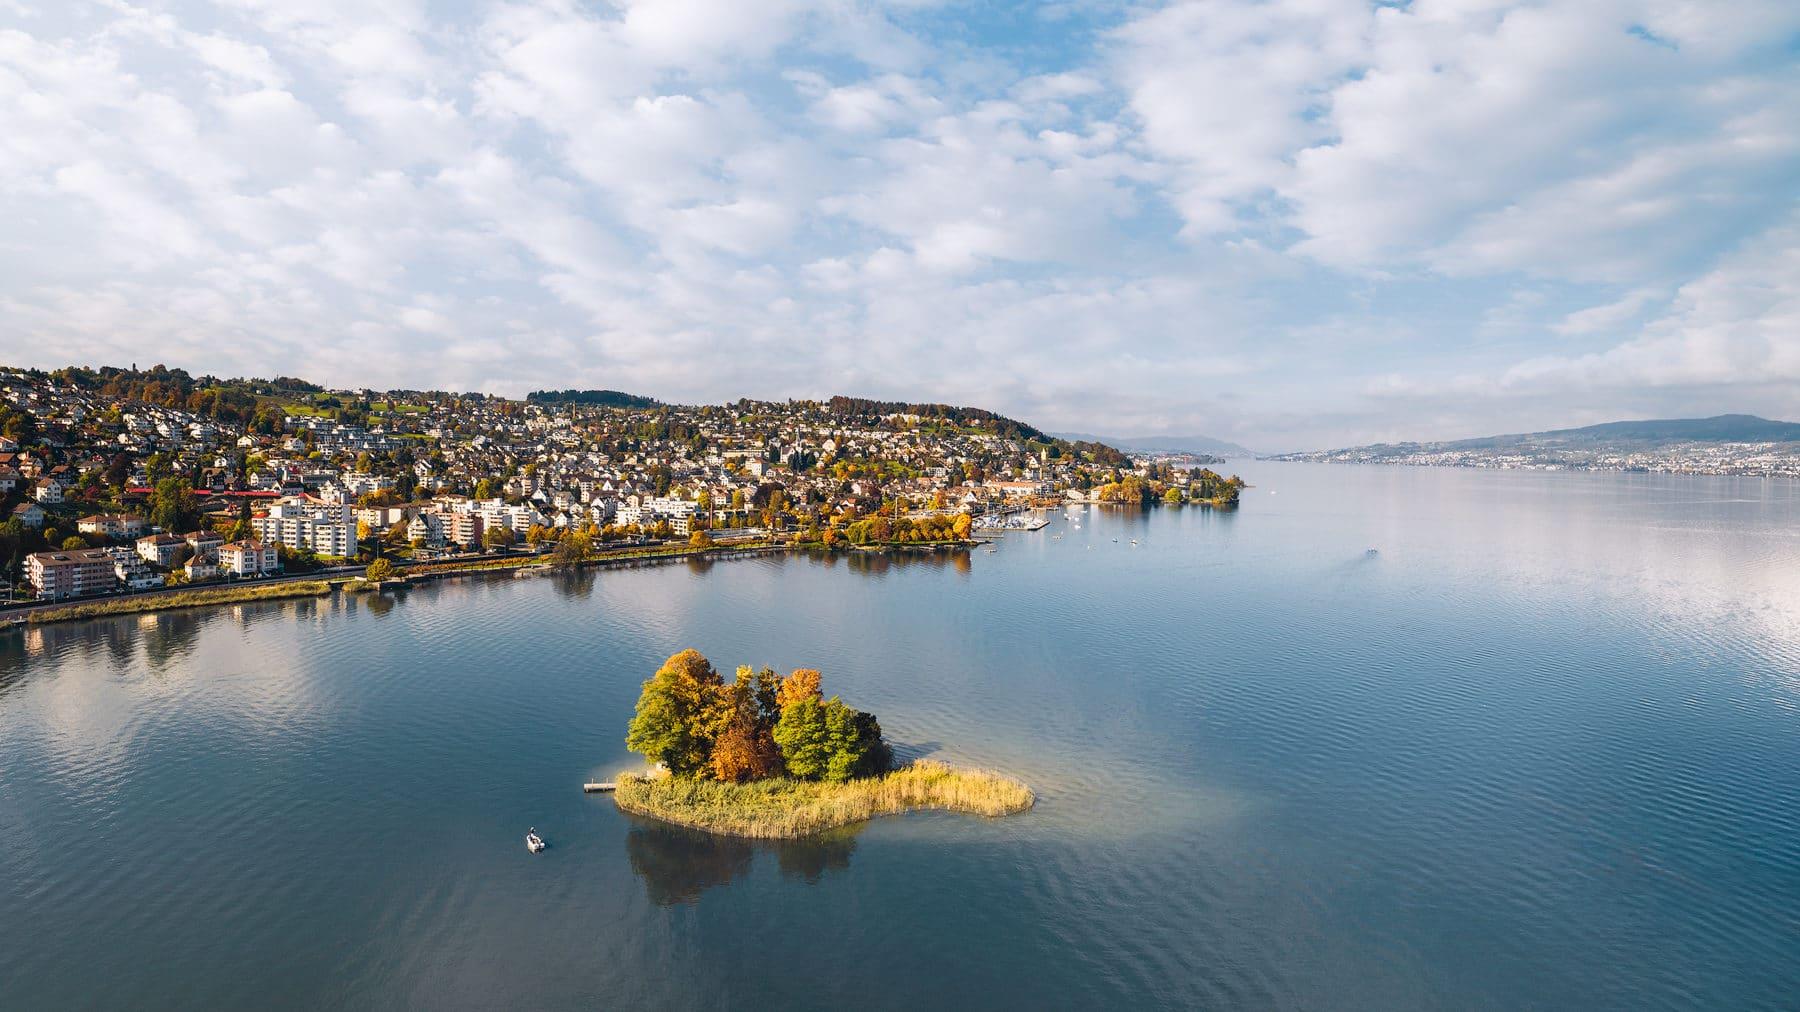 Luftaufnahme - Richterswil - Insel Schönenwirt - Zürichsee Blick nach Zürich